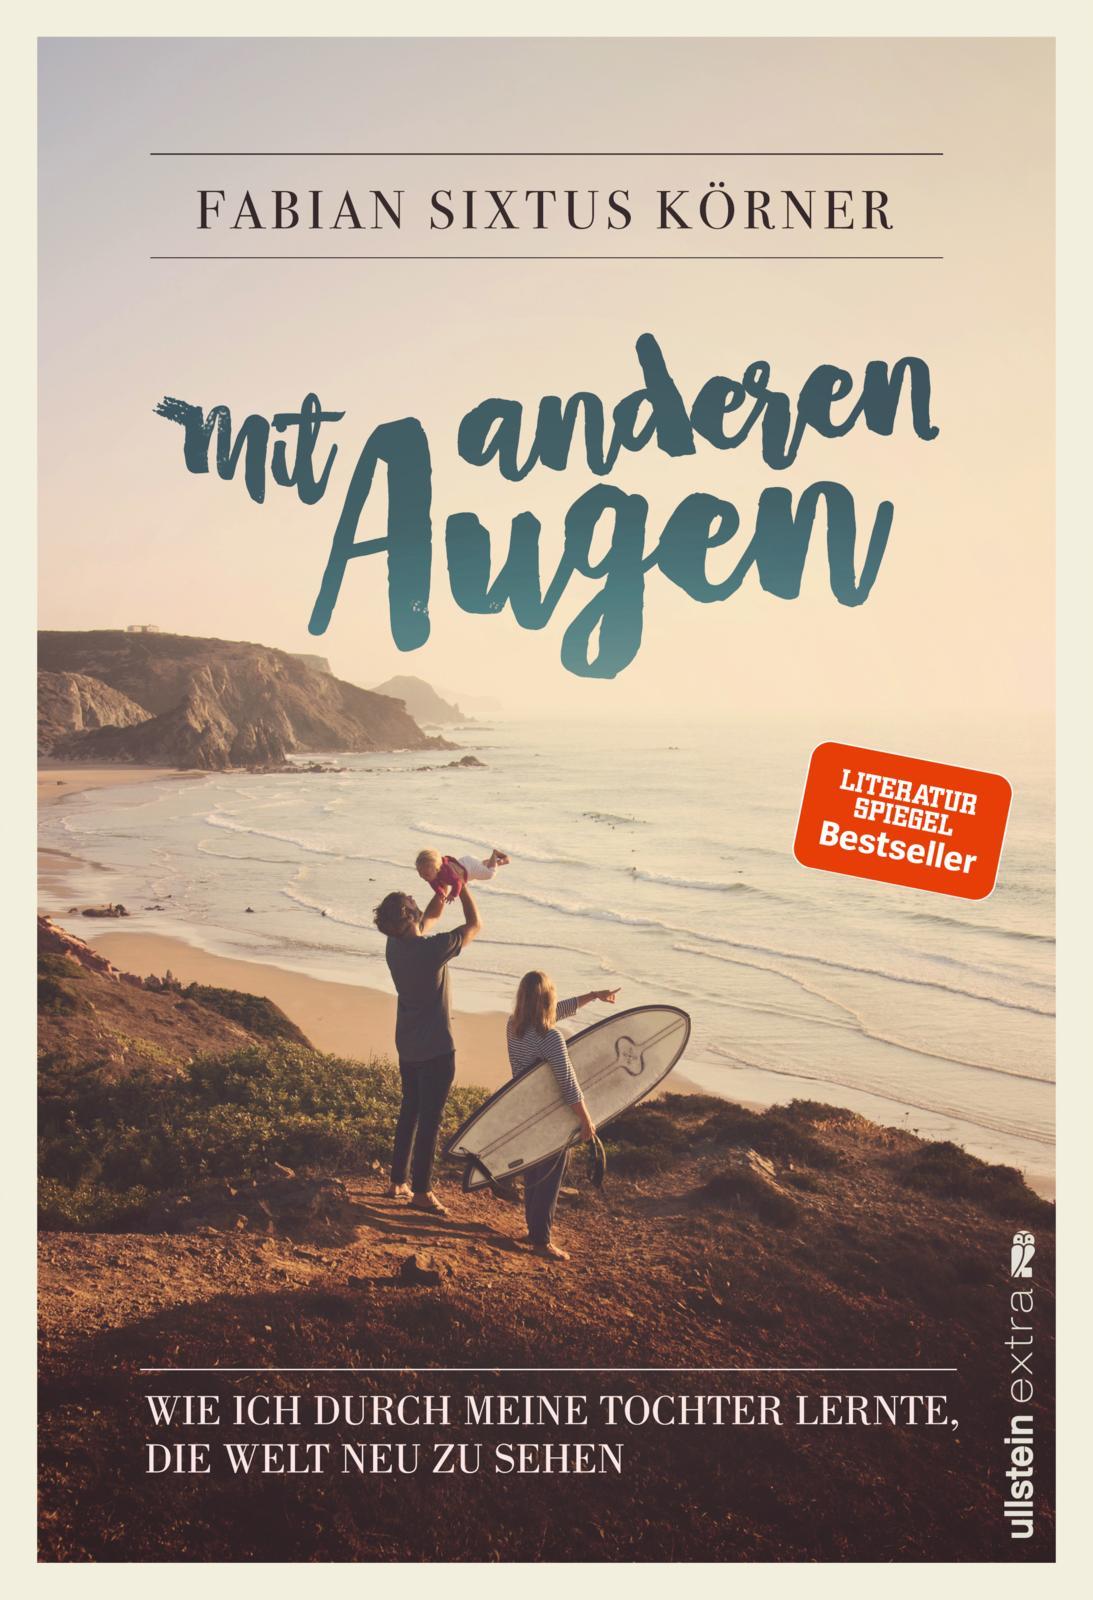 Fabian Sixtus Körner mit anderen Augen Ullstein Verlag Yanti Downsyndrom